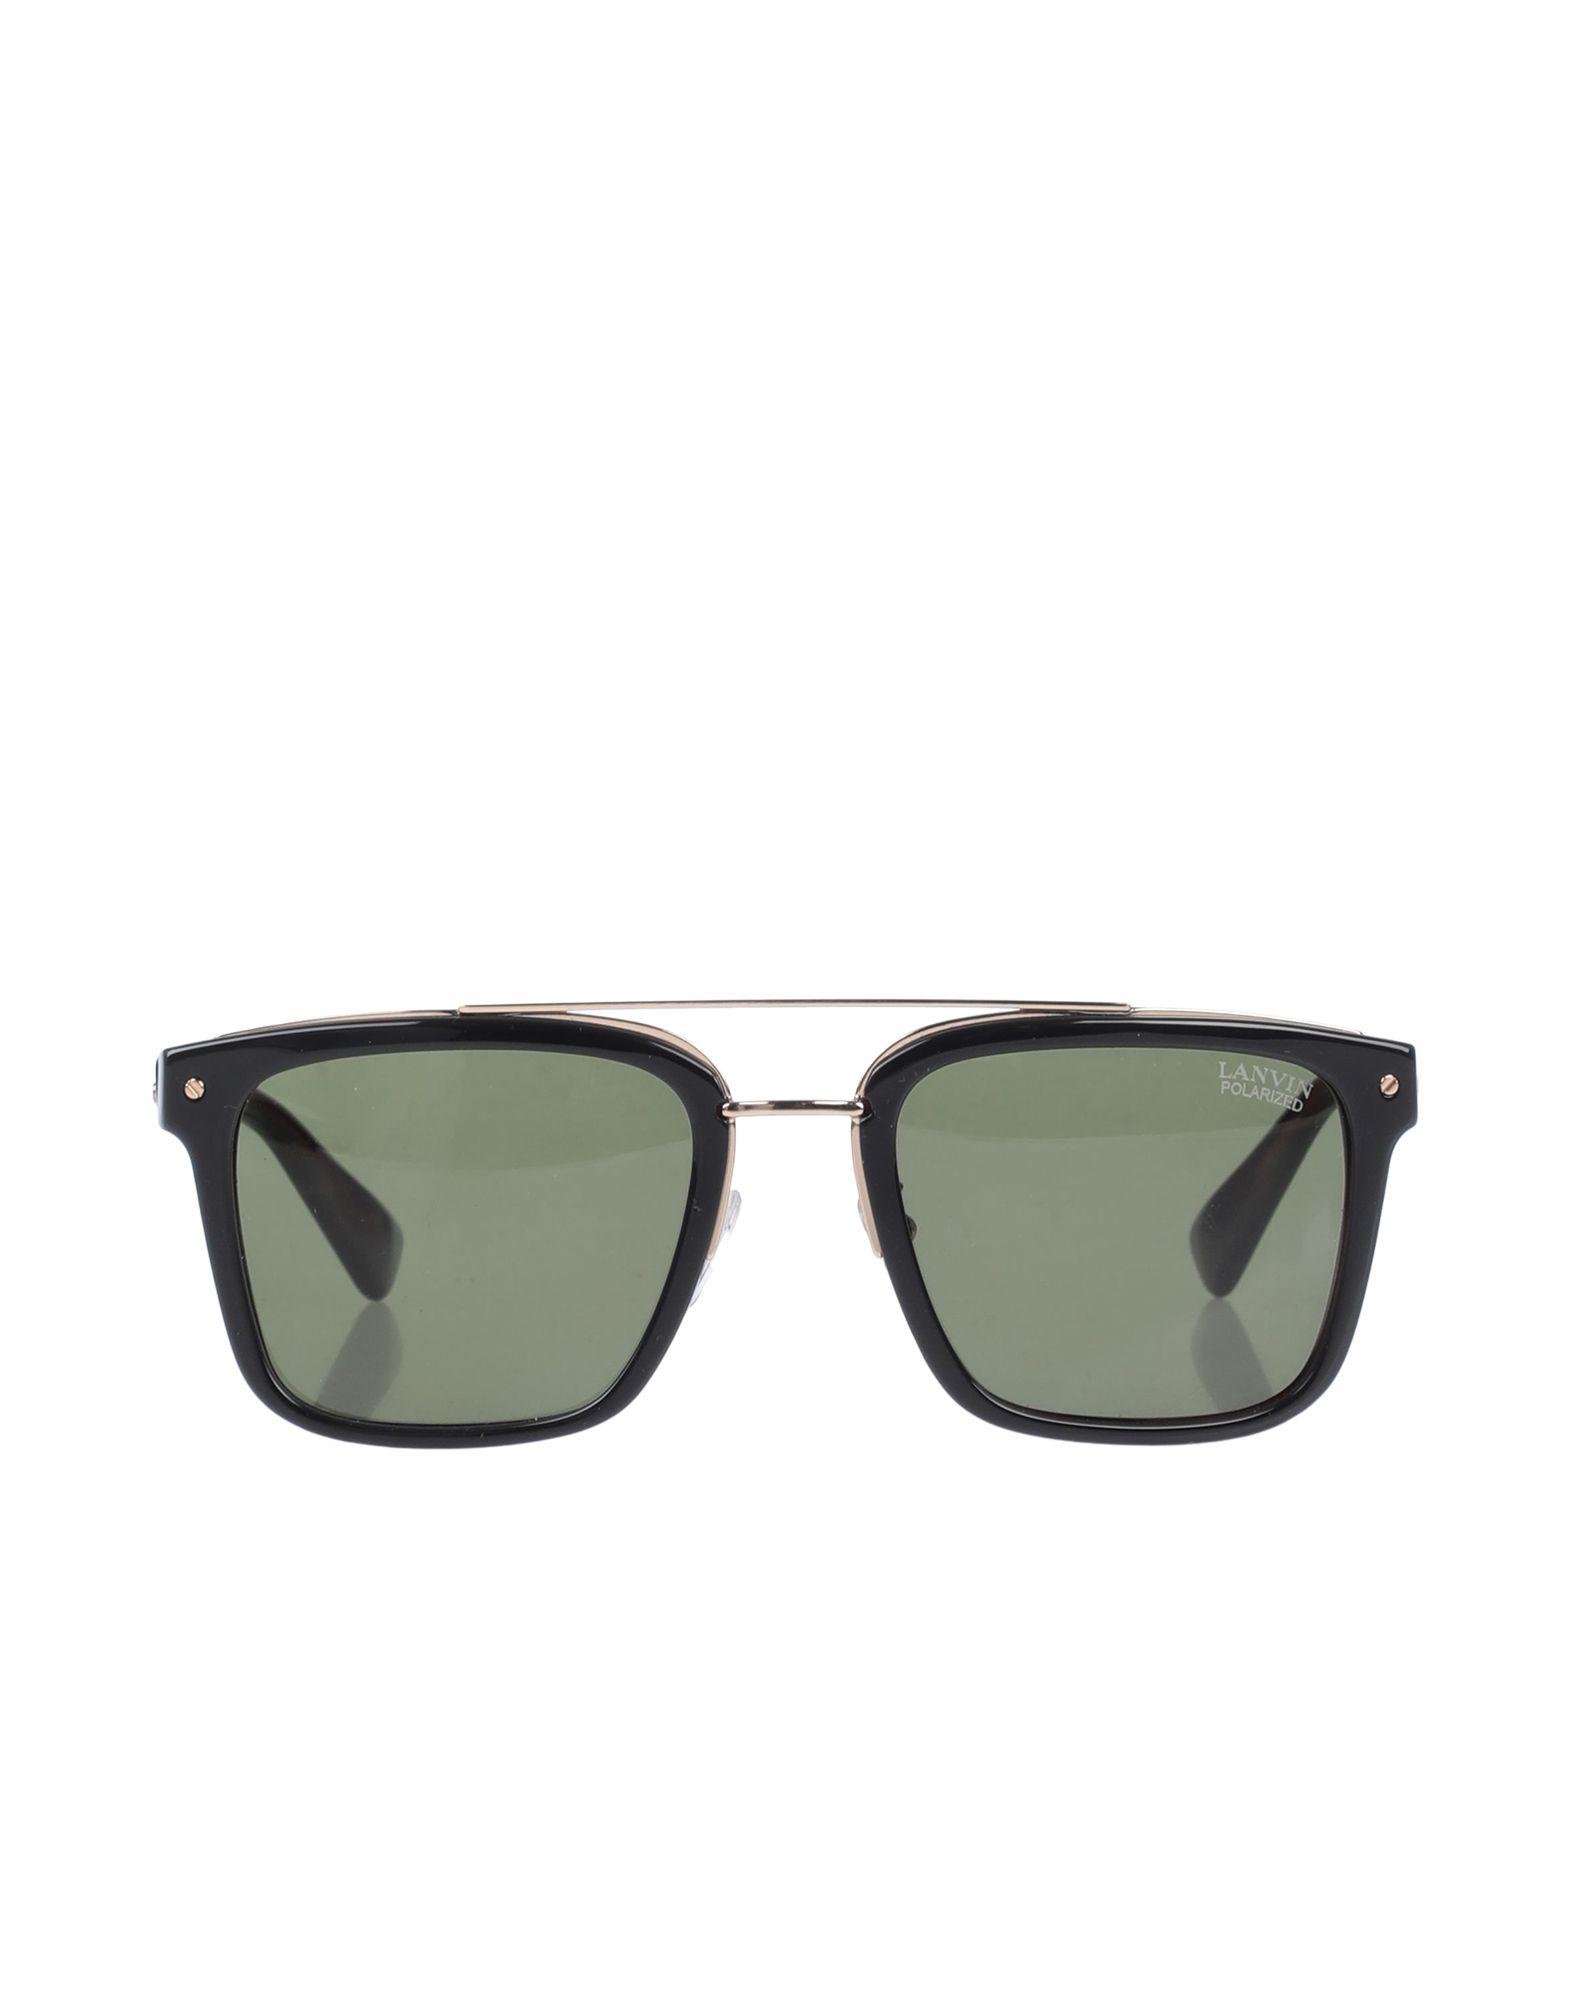 LANVIN Солнечные очки кафа франц очки водителя поляризационные мужские коричневая линза сf919